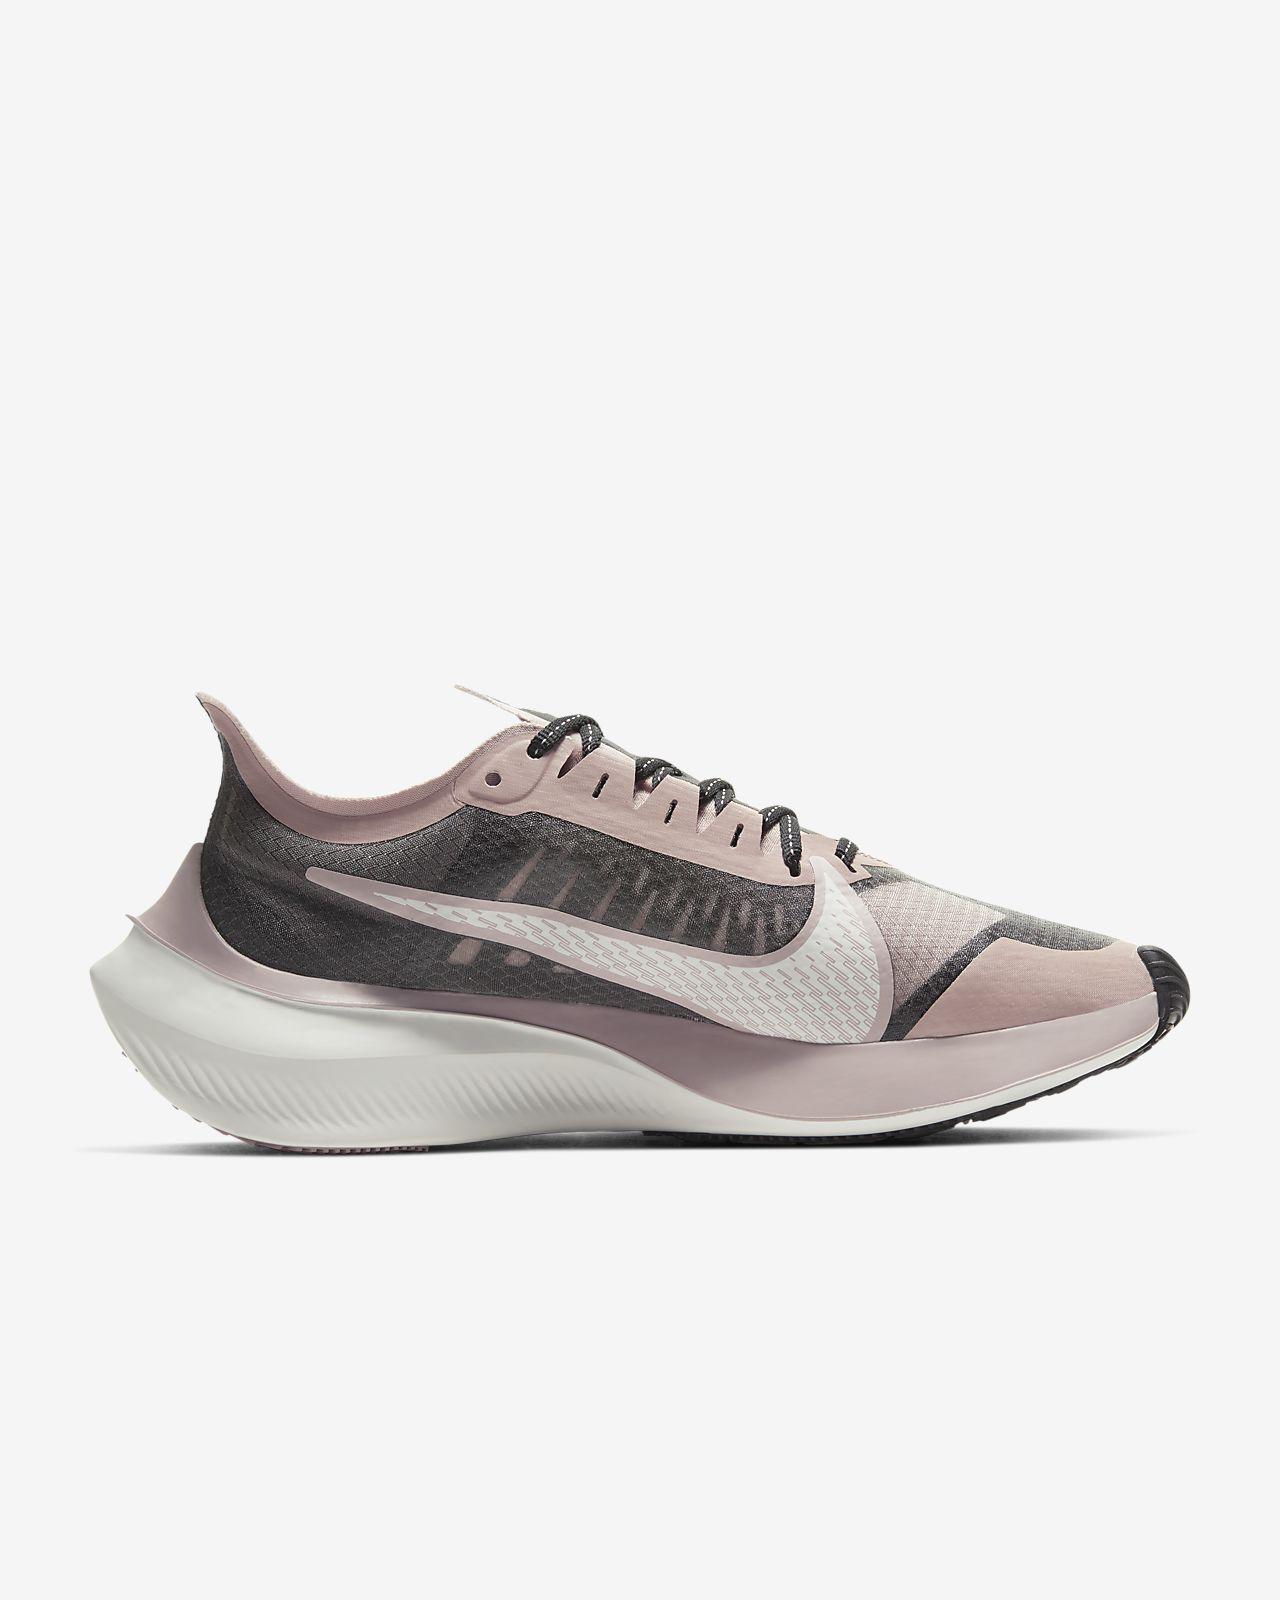 Zapatilla W Nike Zoom Gravity pink